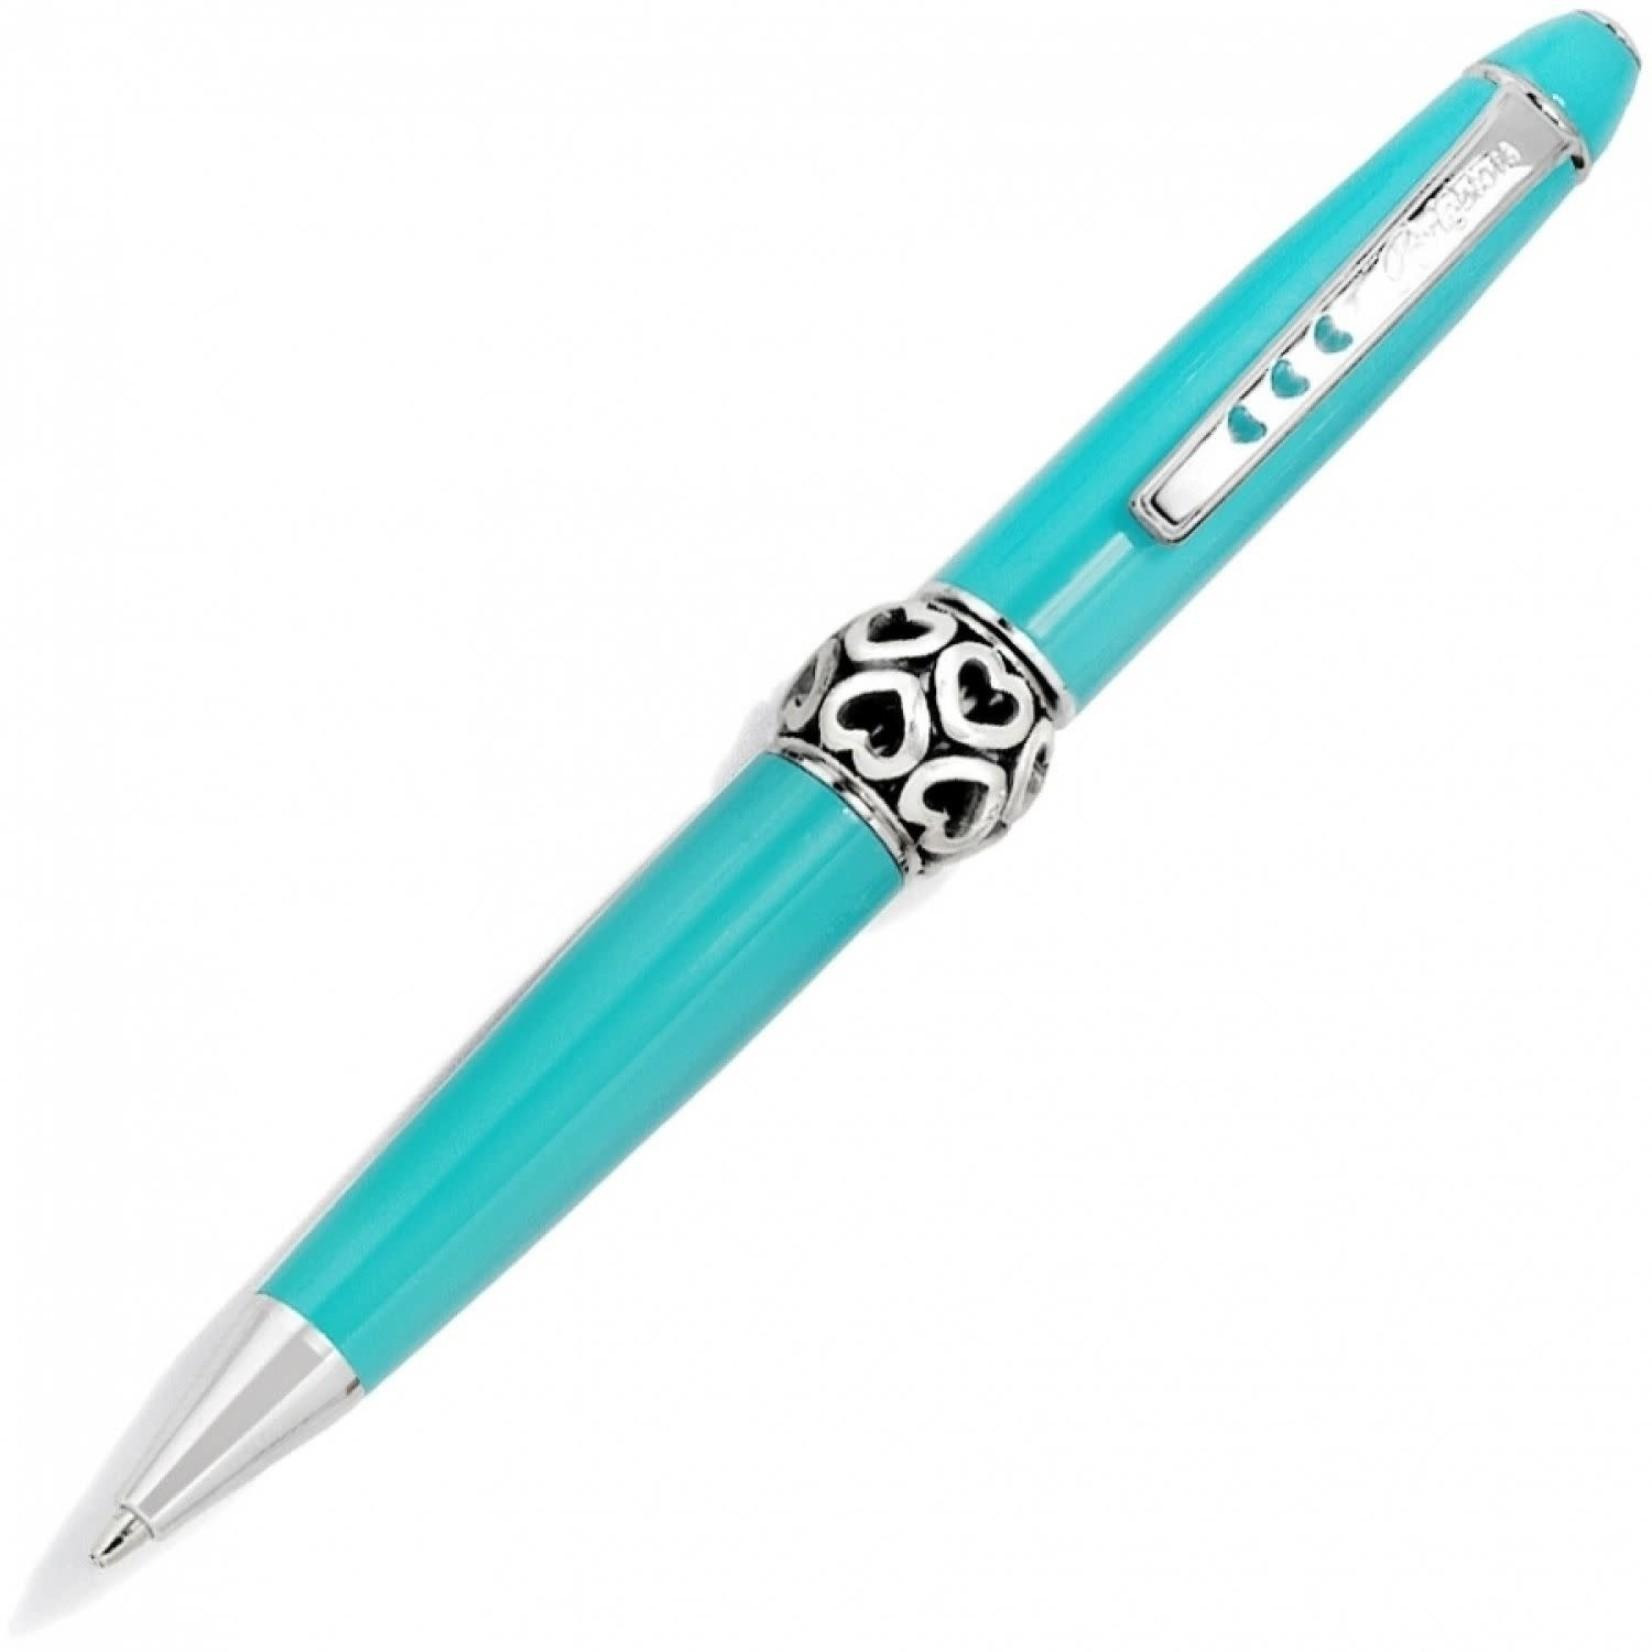 Brighton J9816A Pen Pal Short Charm Pen - Aqua/Silver